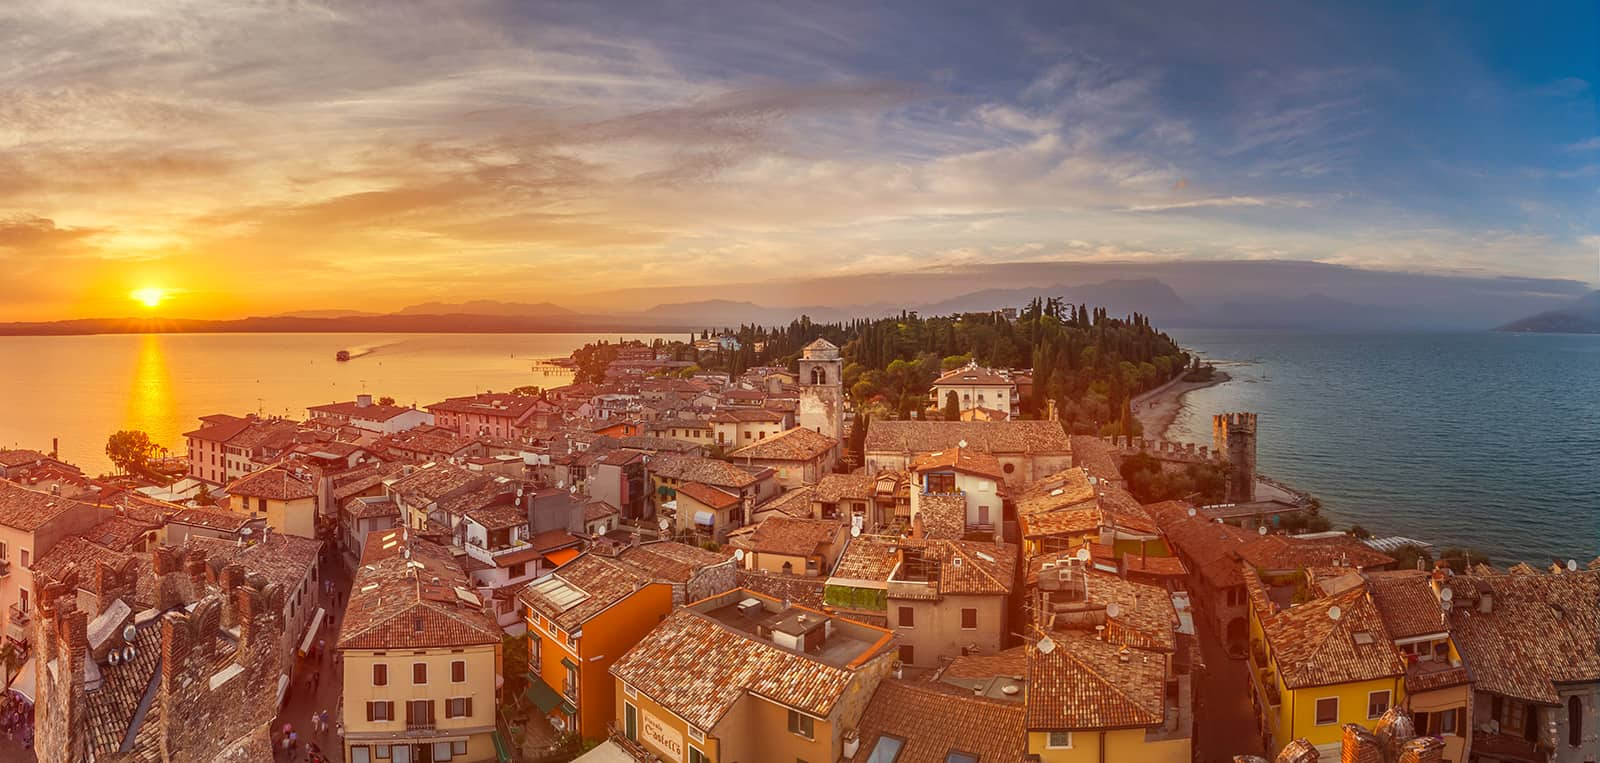 Sirmione © Vaghis - viaggi & turismo Italia - Tutti i diritti riservati